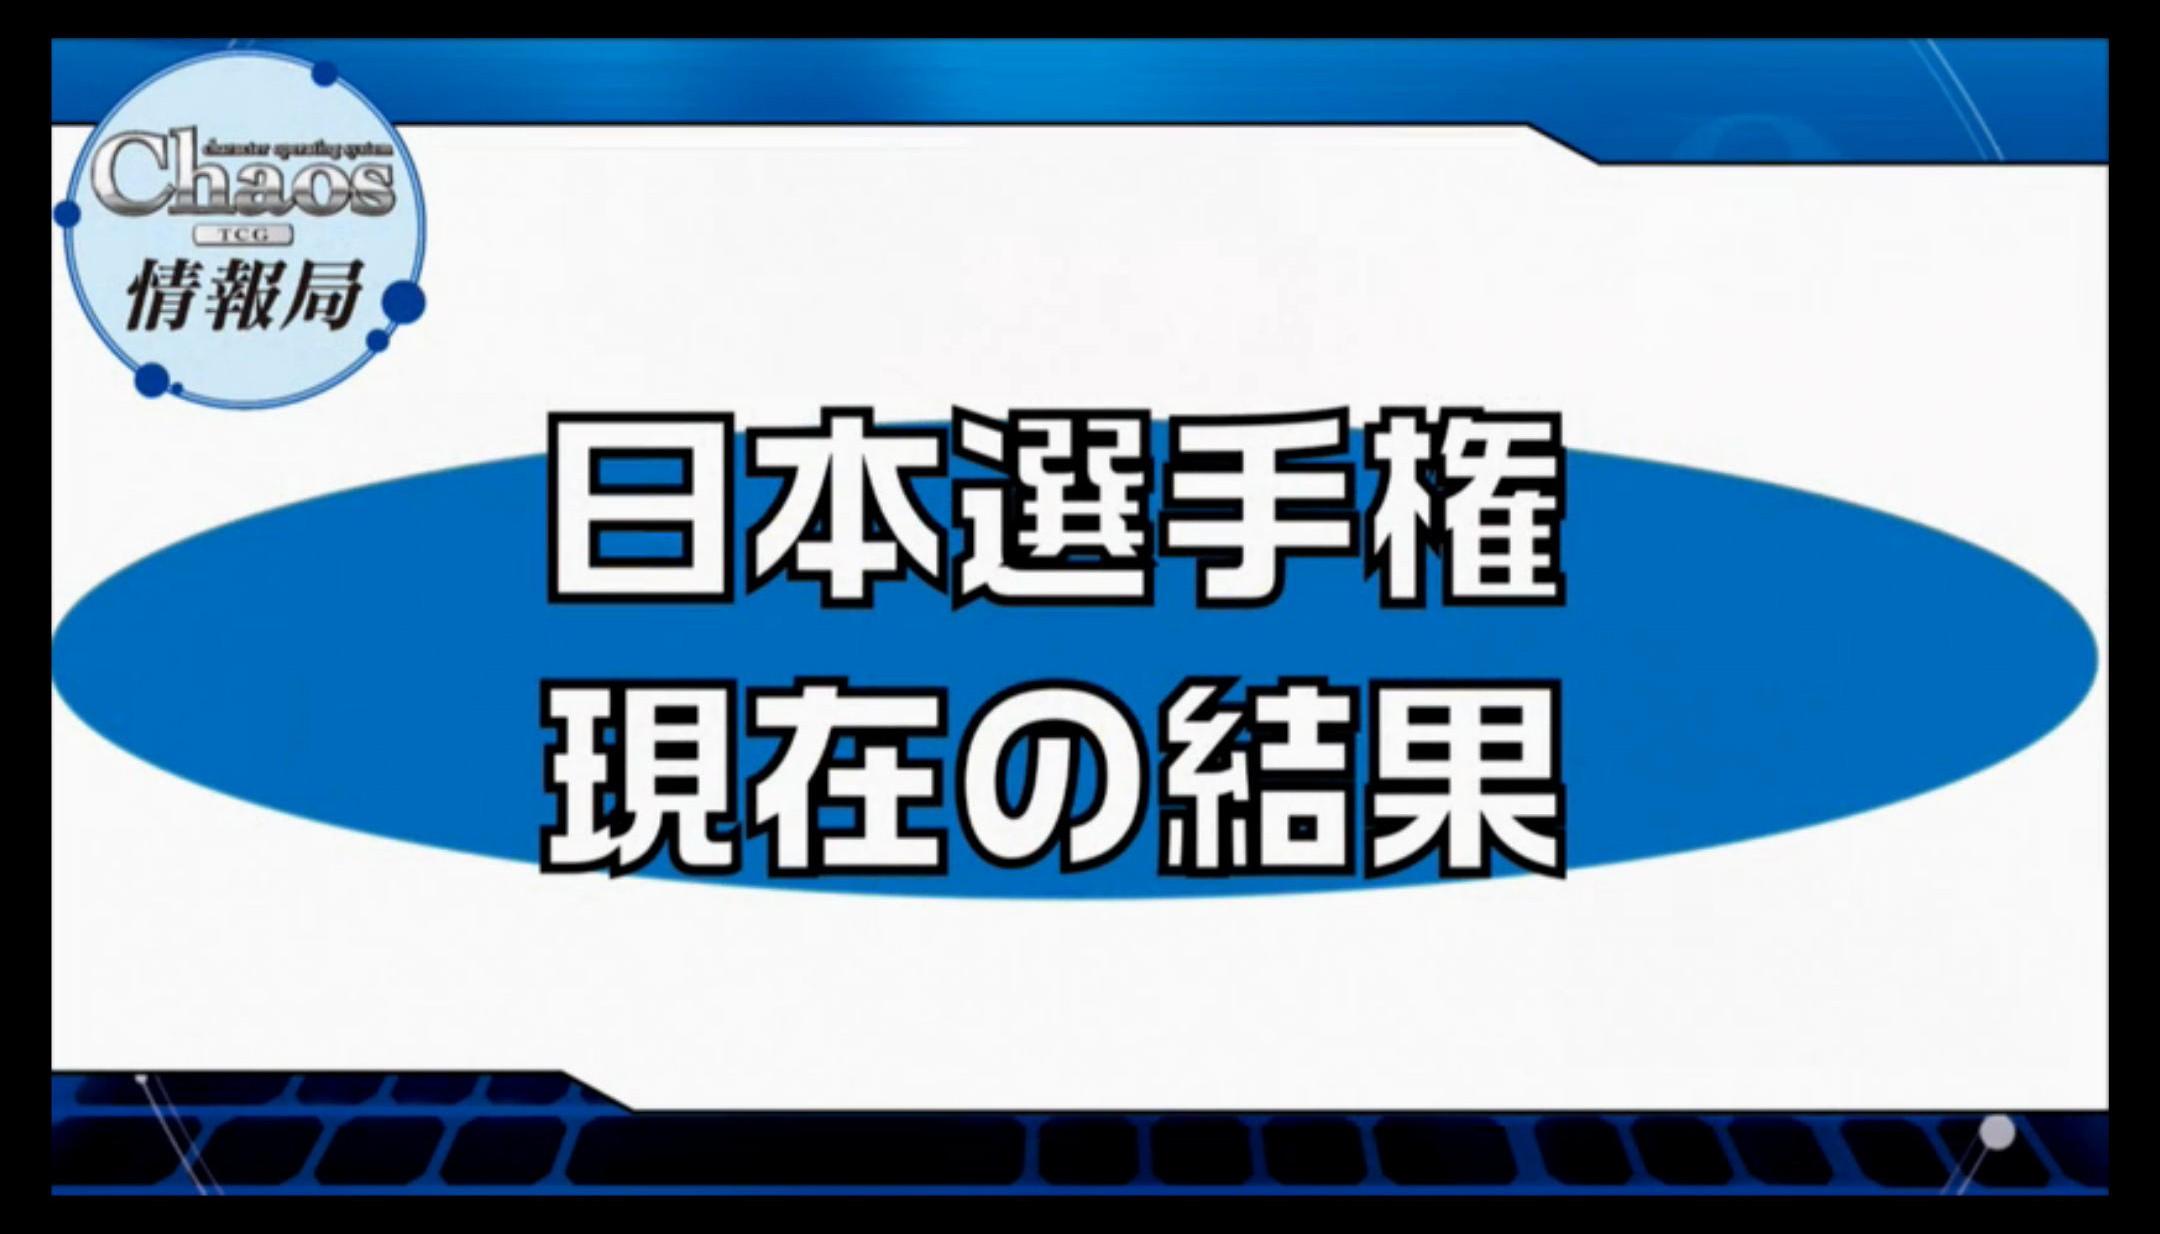 bshi-live-170601-029.jpg